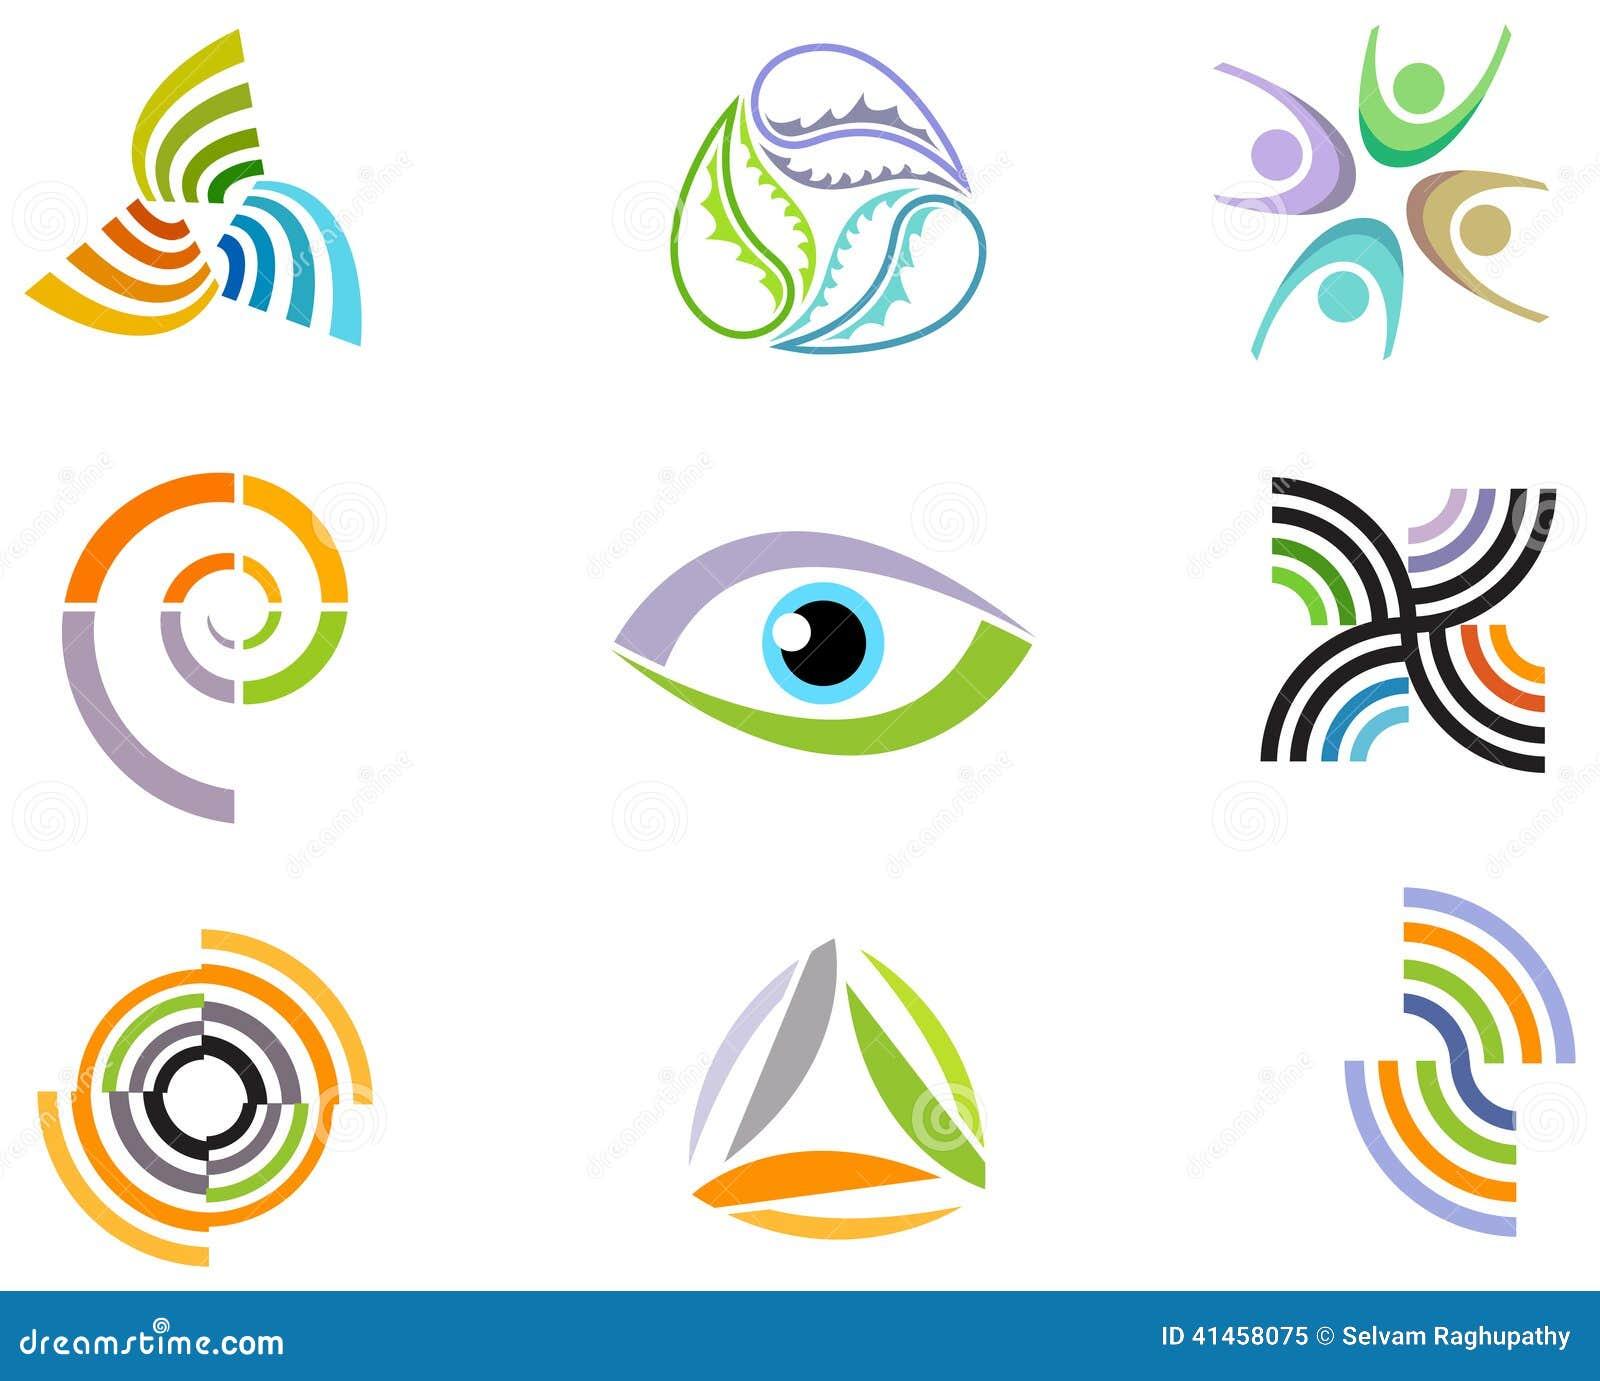 抽象设计元素和象图片